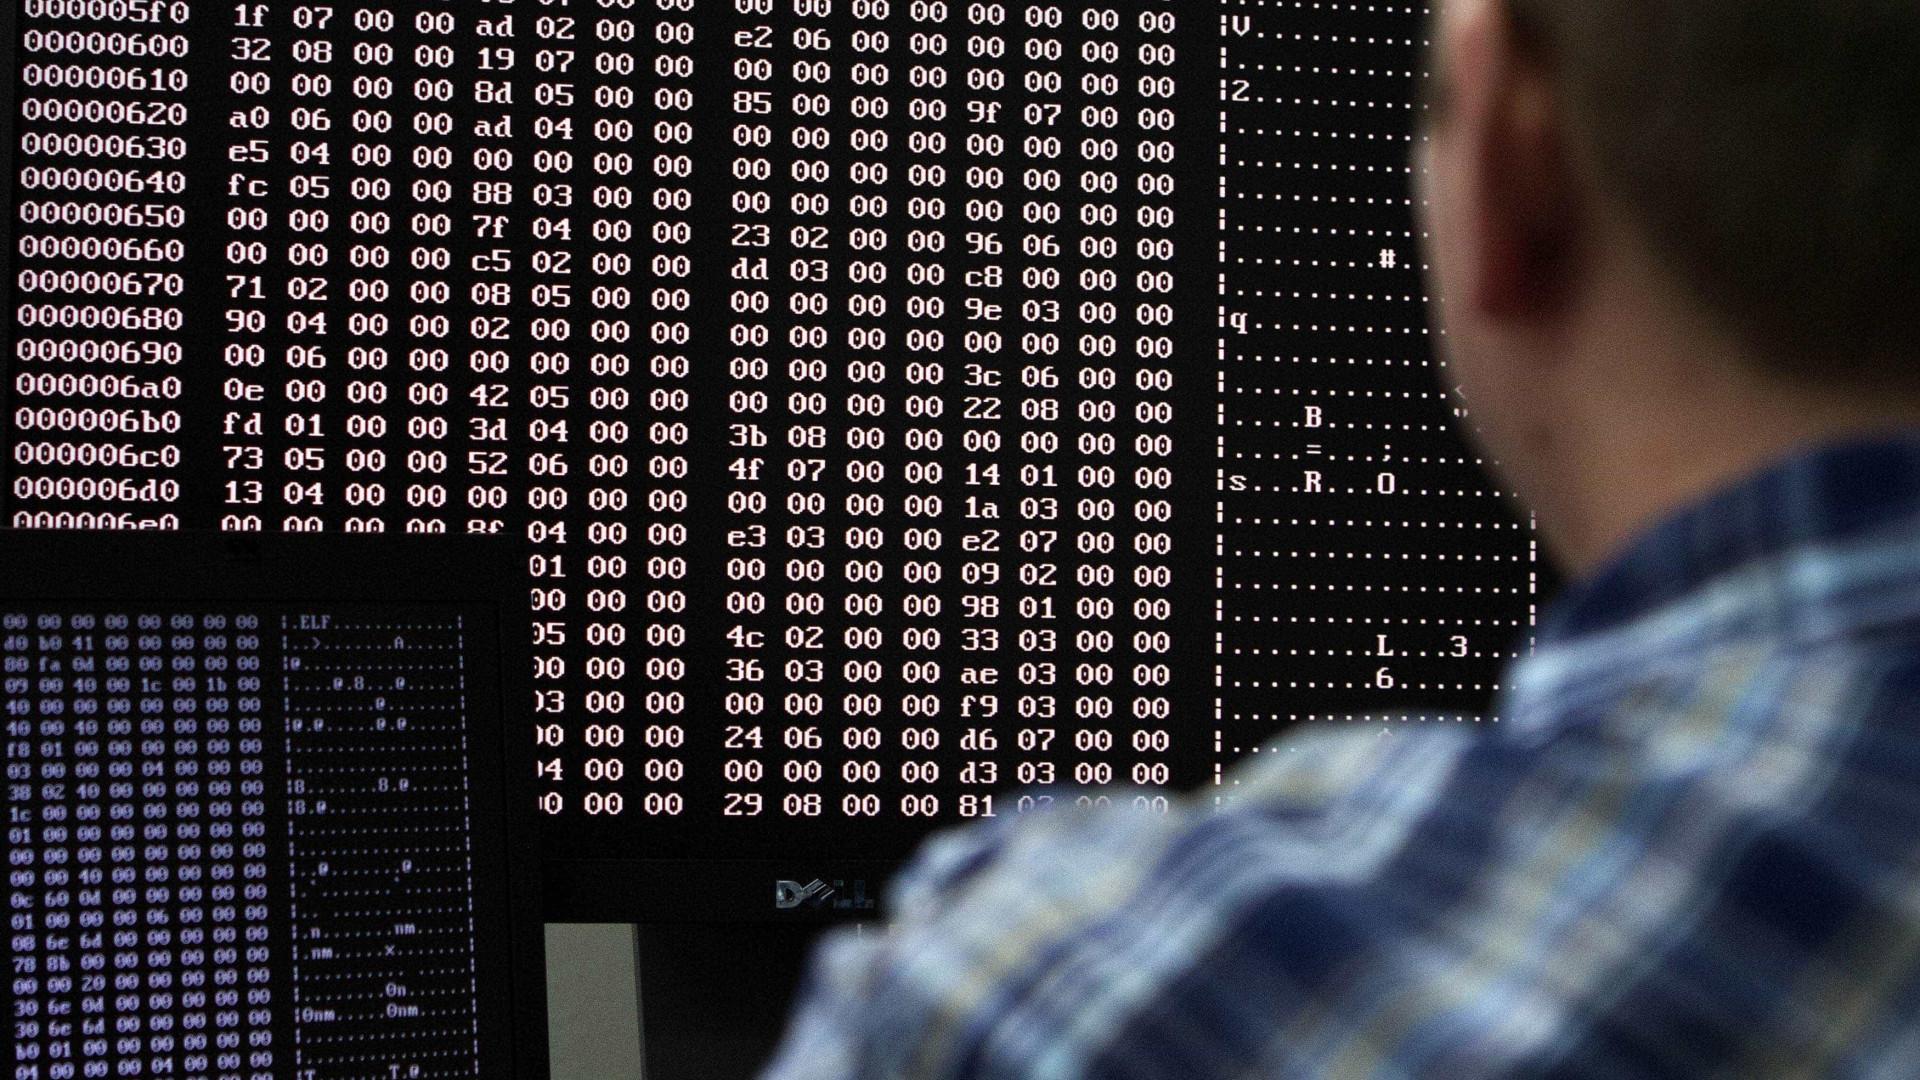 Português é a segunda língua mais usada para criar malware